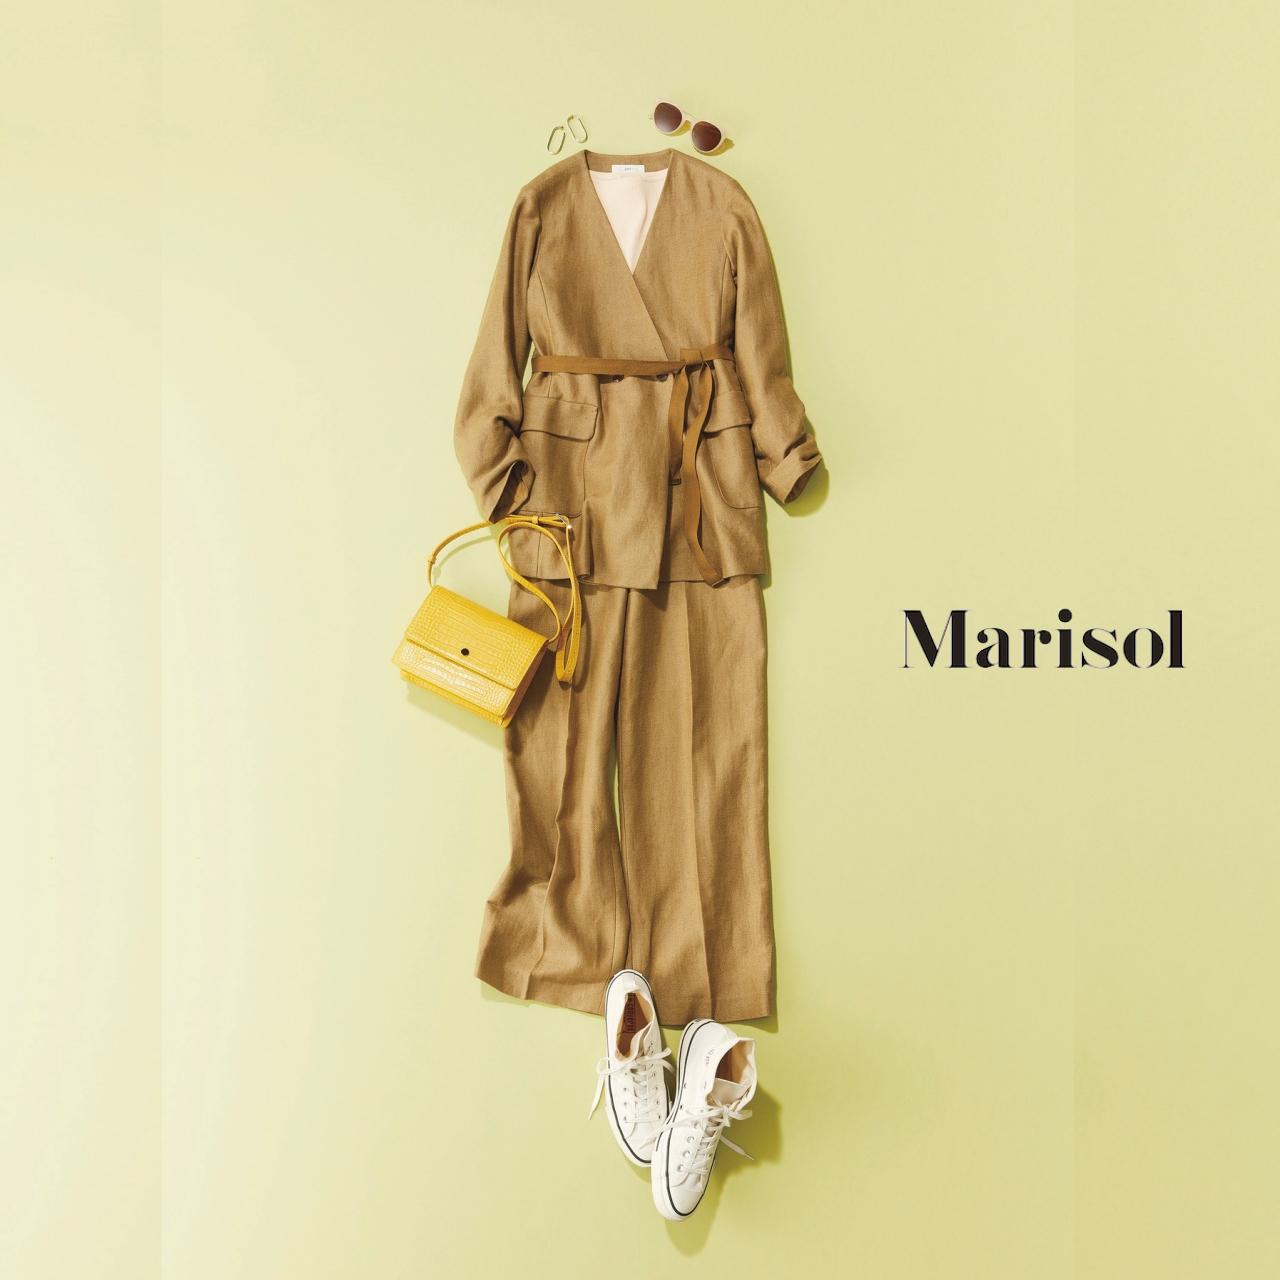 40代のあなたに捧ぐ、初夏のきれいめスニーカーコーデ特集 | アラフォーファッション_1_1